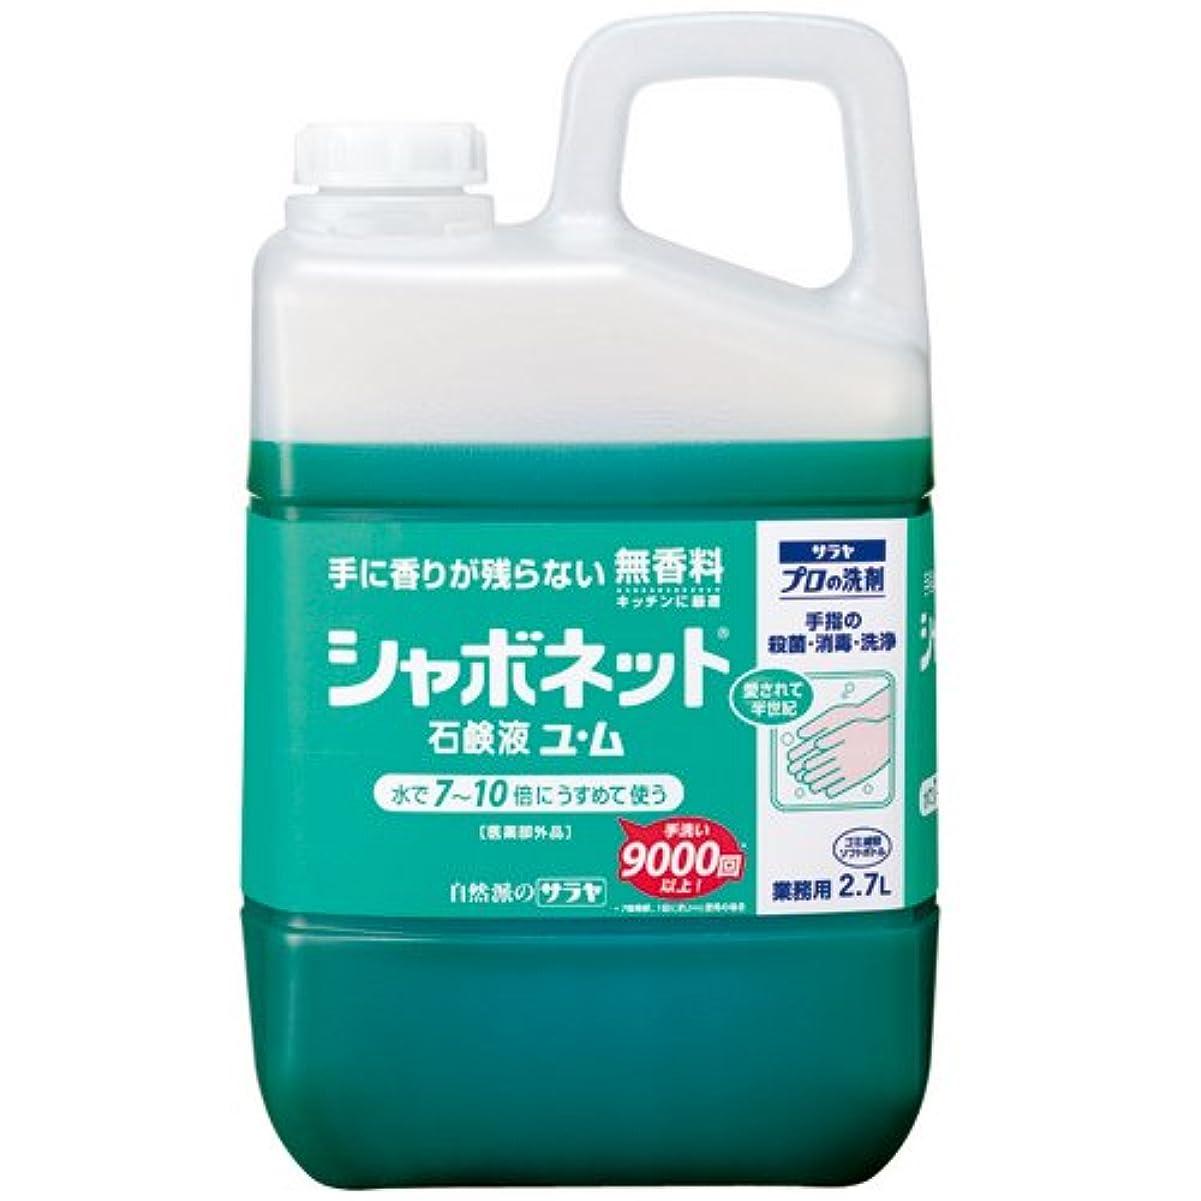 効率的チャート提案サラヤ シャボネット 石鹸液 ユ?ム 業務用 2.7L